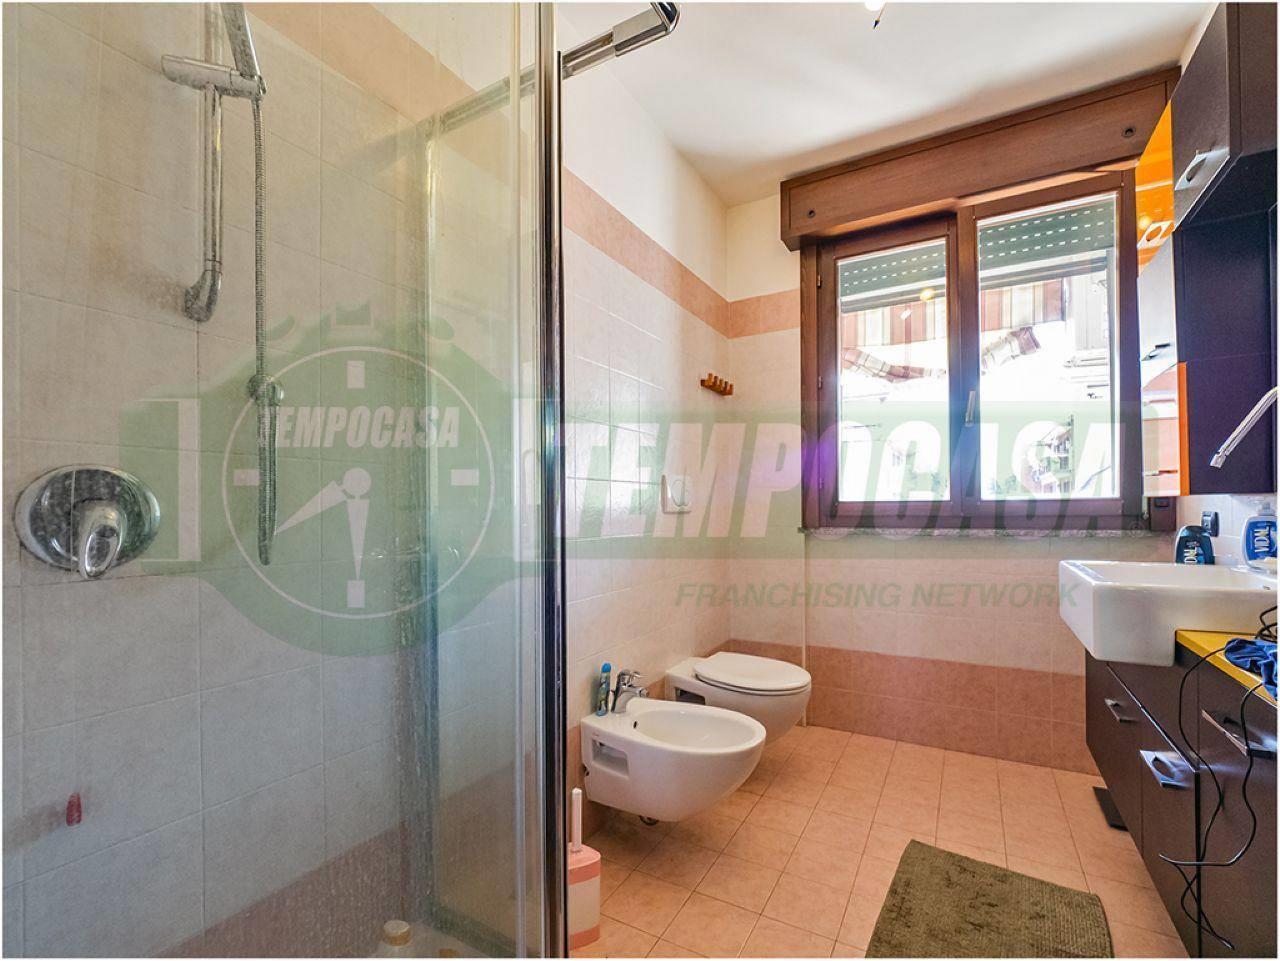 Foto 13 - Appartamento in Vendita - Cesano Maderno (Monza e Brianza)